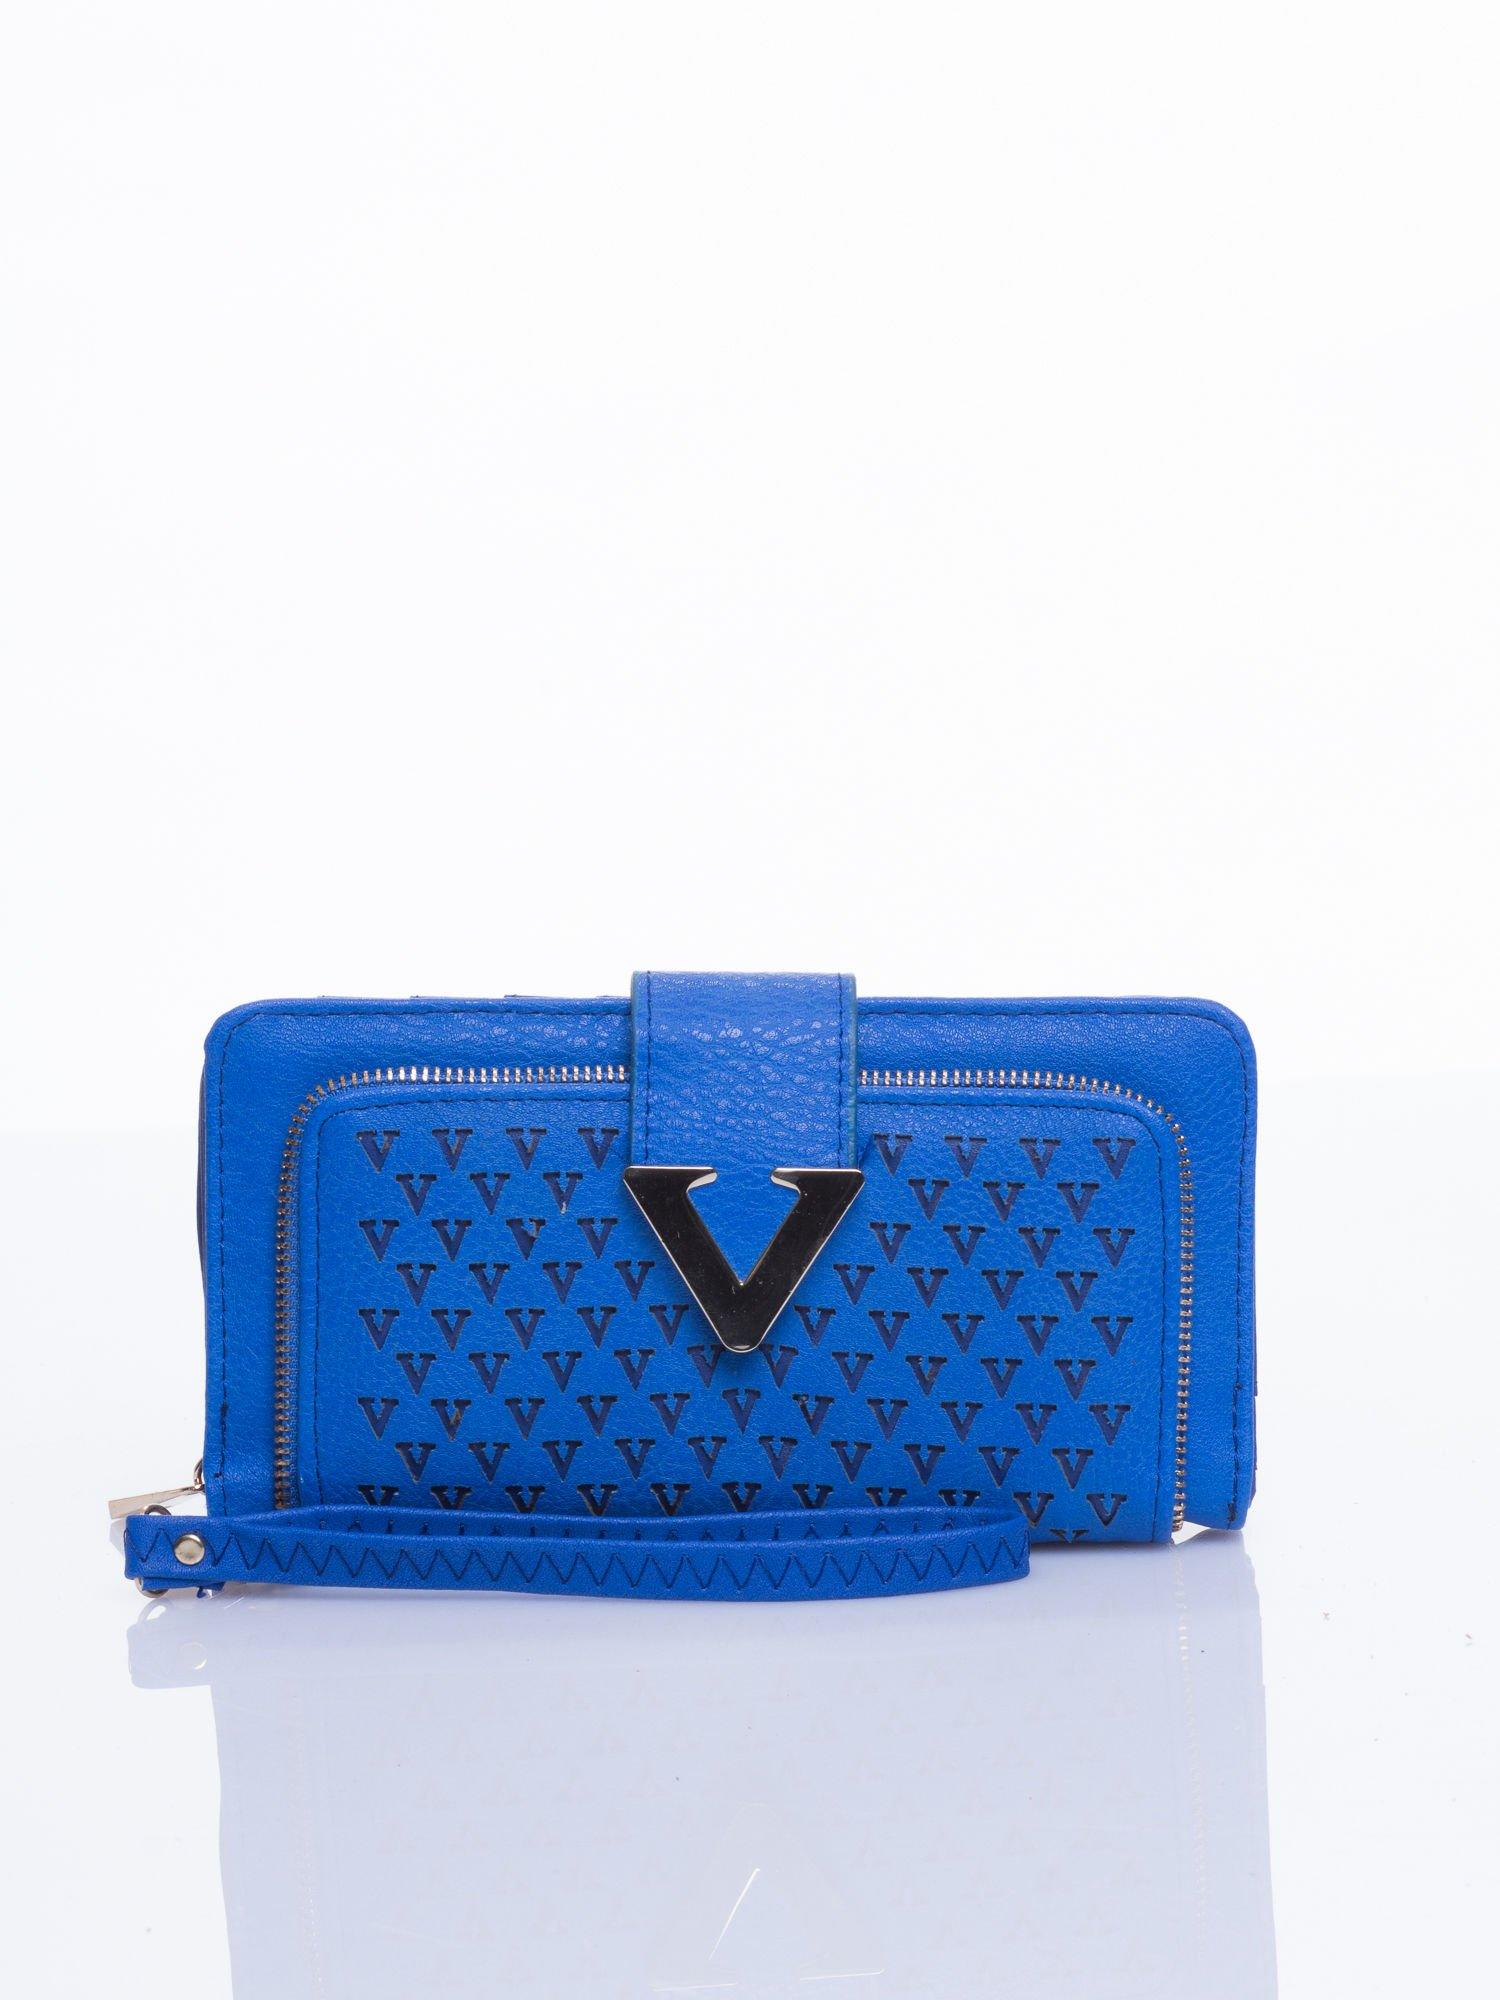 Niebieski portfel ze złotym detalem V                                  zdj.                                  1